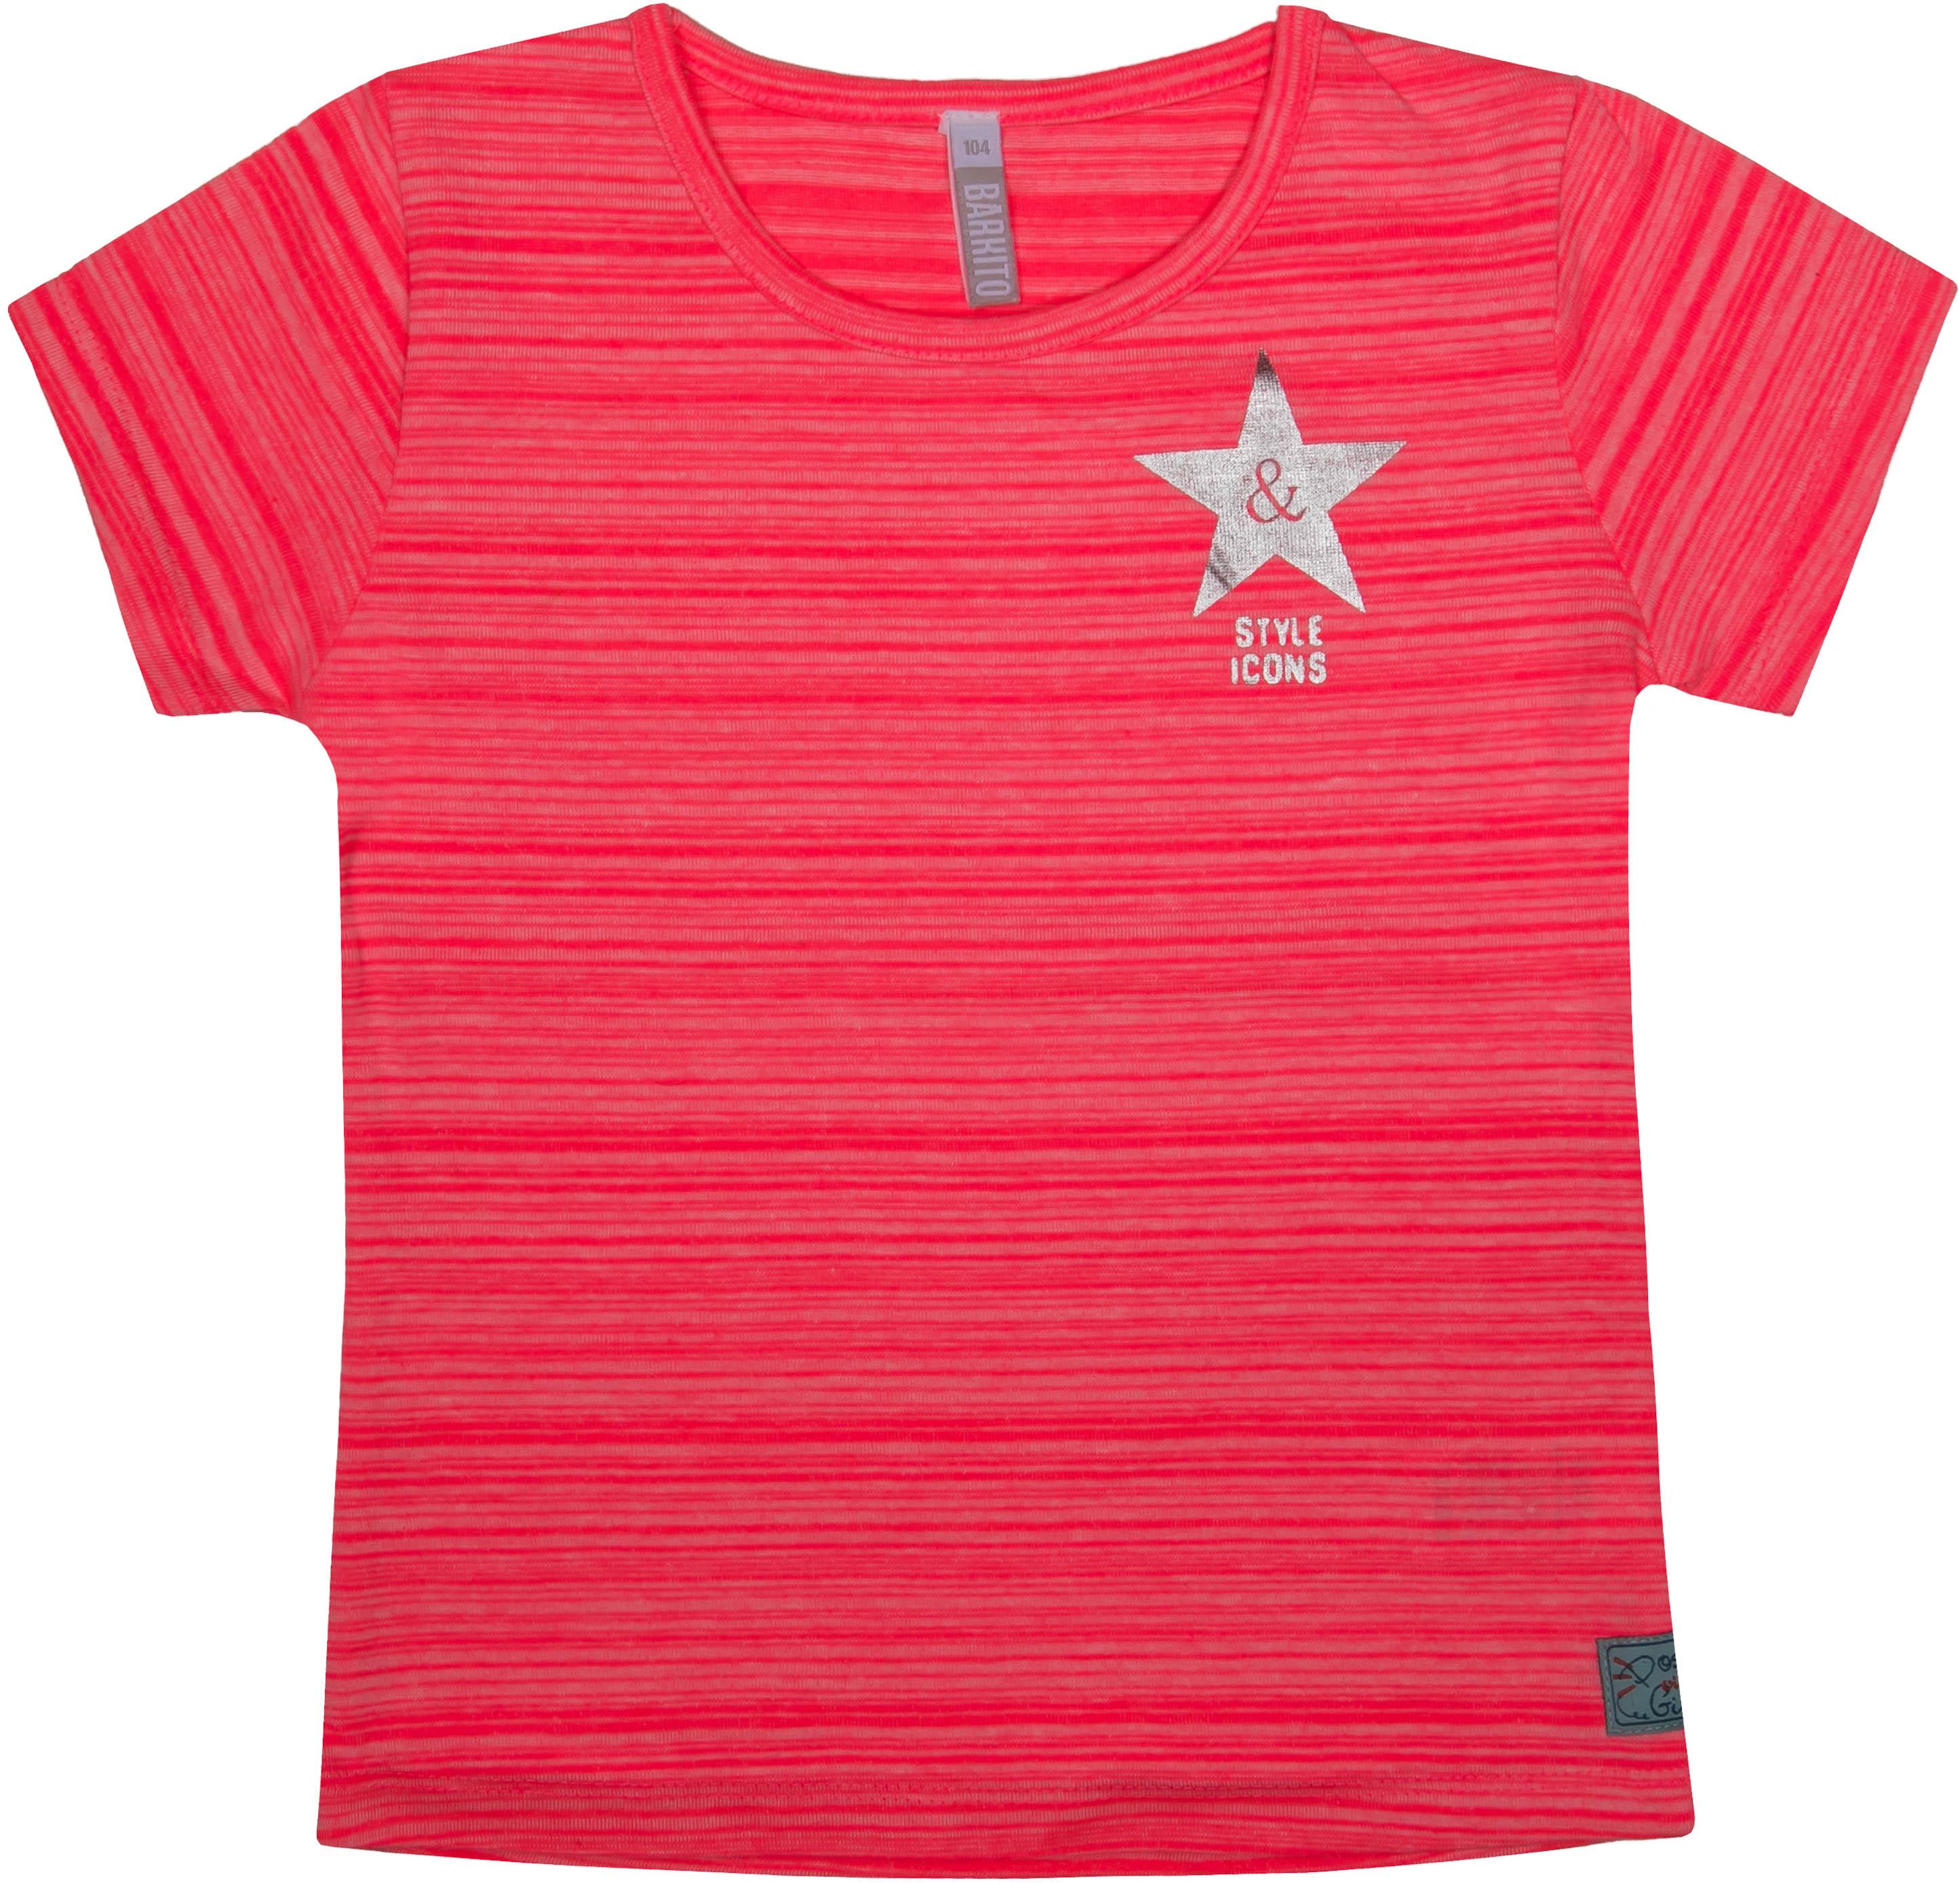 Купить Джемпер с коротким рукавом, Спортсменка-1, 1шт., Barkito 45Y-27006MKOR, Индия, pink, Женский